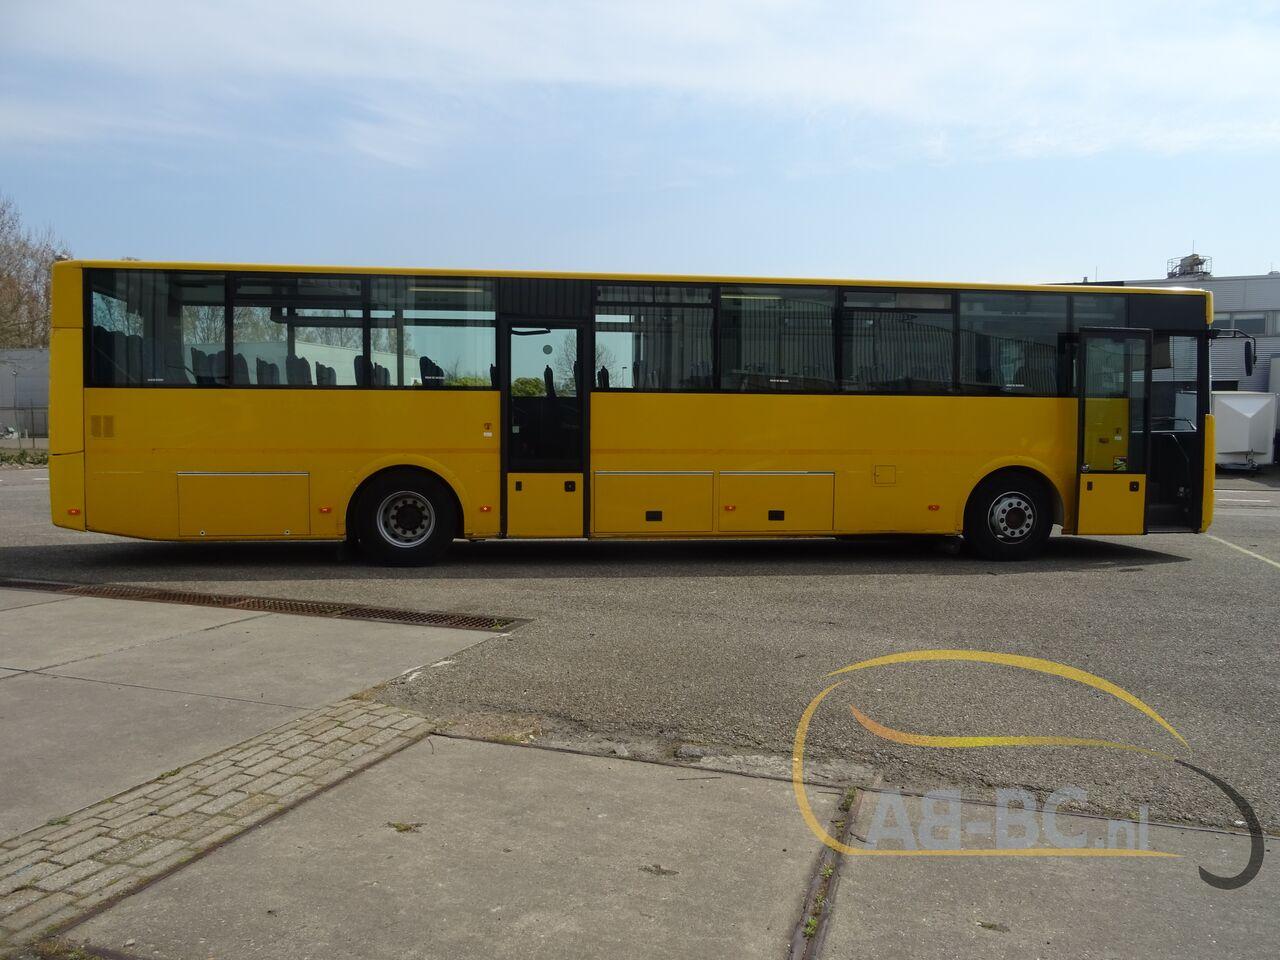 interurban-busMAN-Fast-64-seats---1619619646945568282_big_56ff2b5a9a6df509d3c30877719014de--21042817163019598600